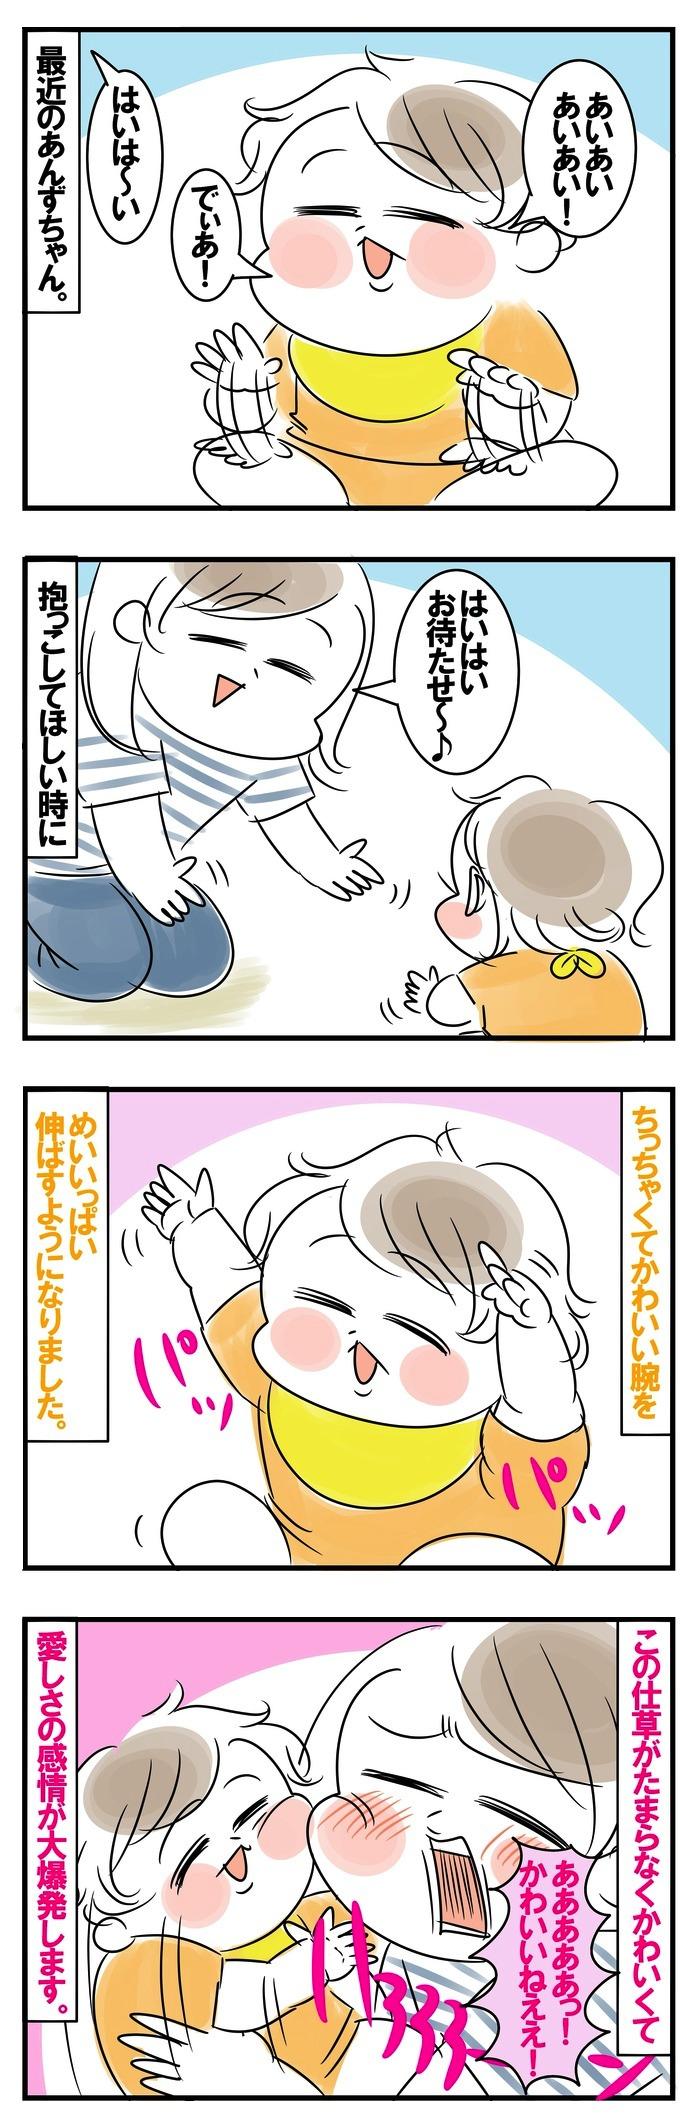 愛しさが大爆発…!「抱っこしてほしい」サインの破壊力がすごすぎる♡の画像1